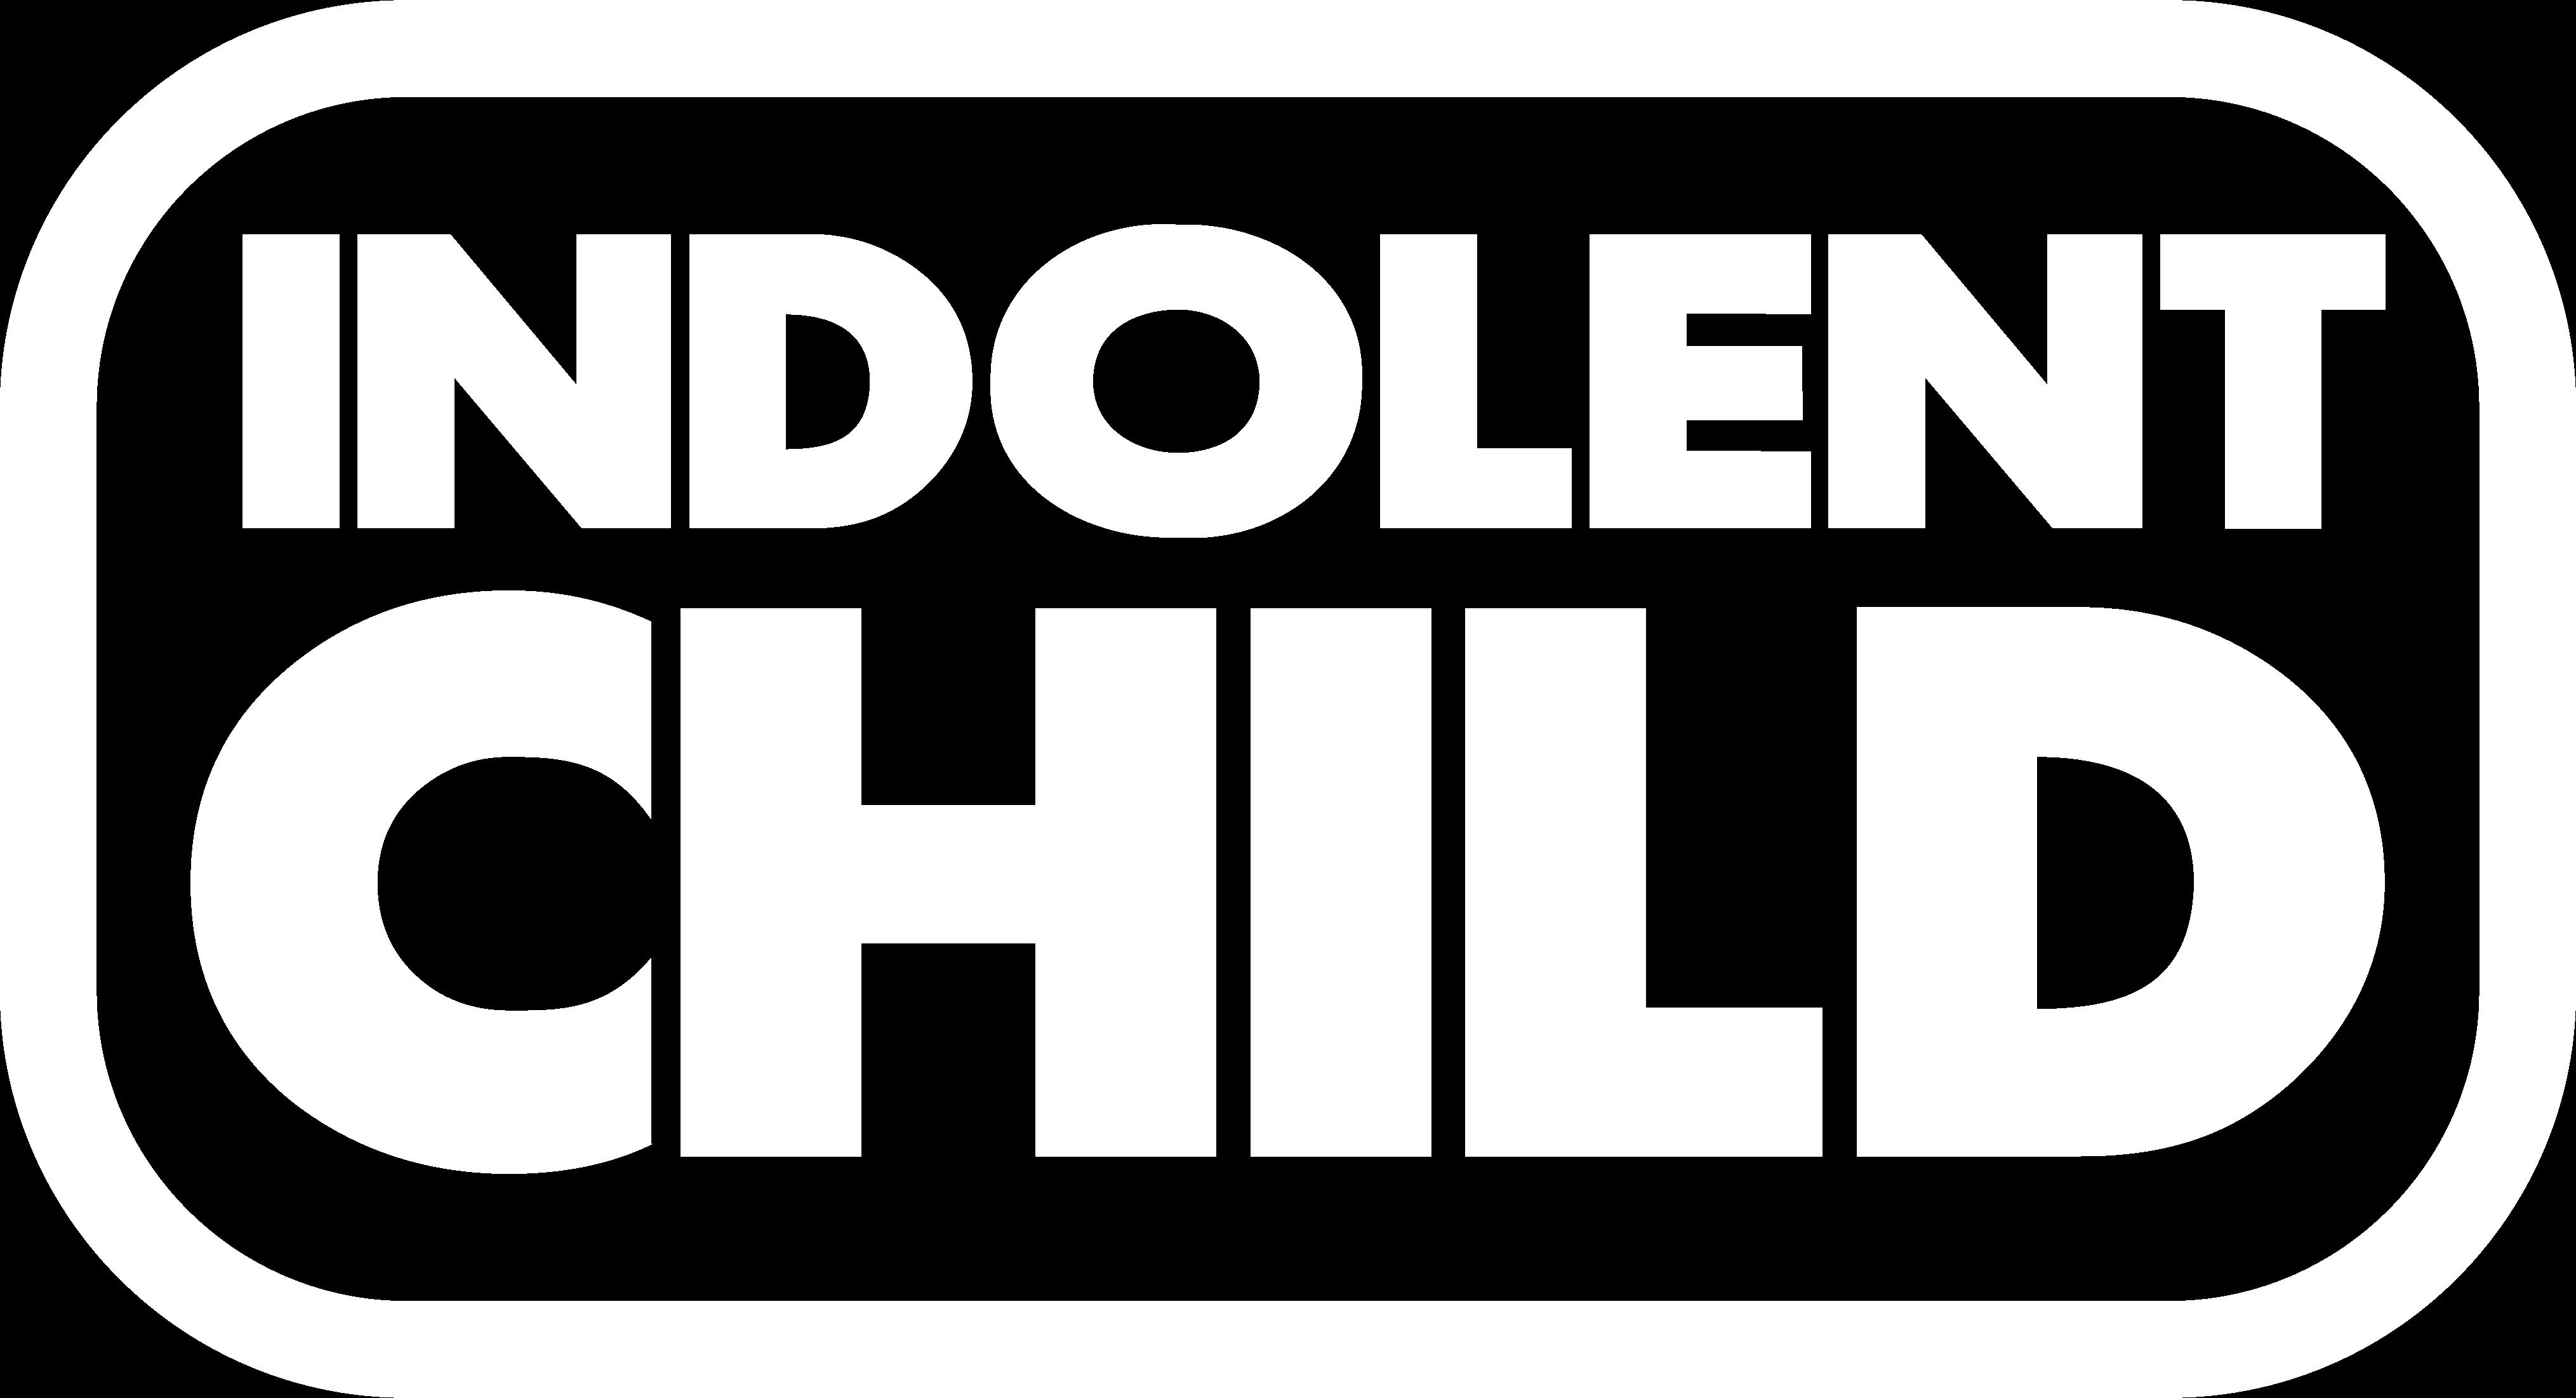 Indolent Child